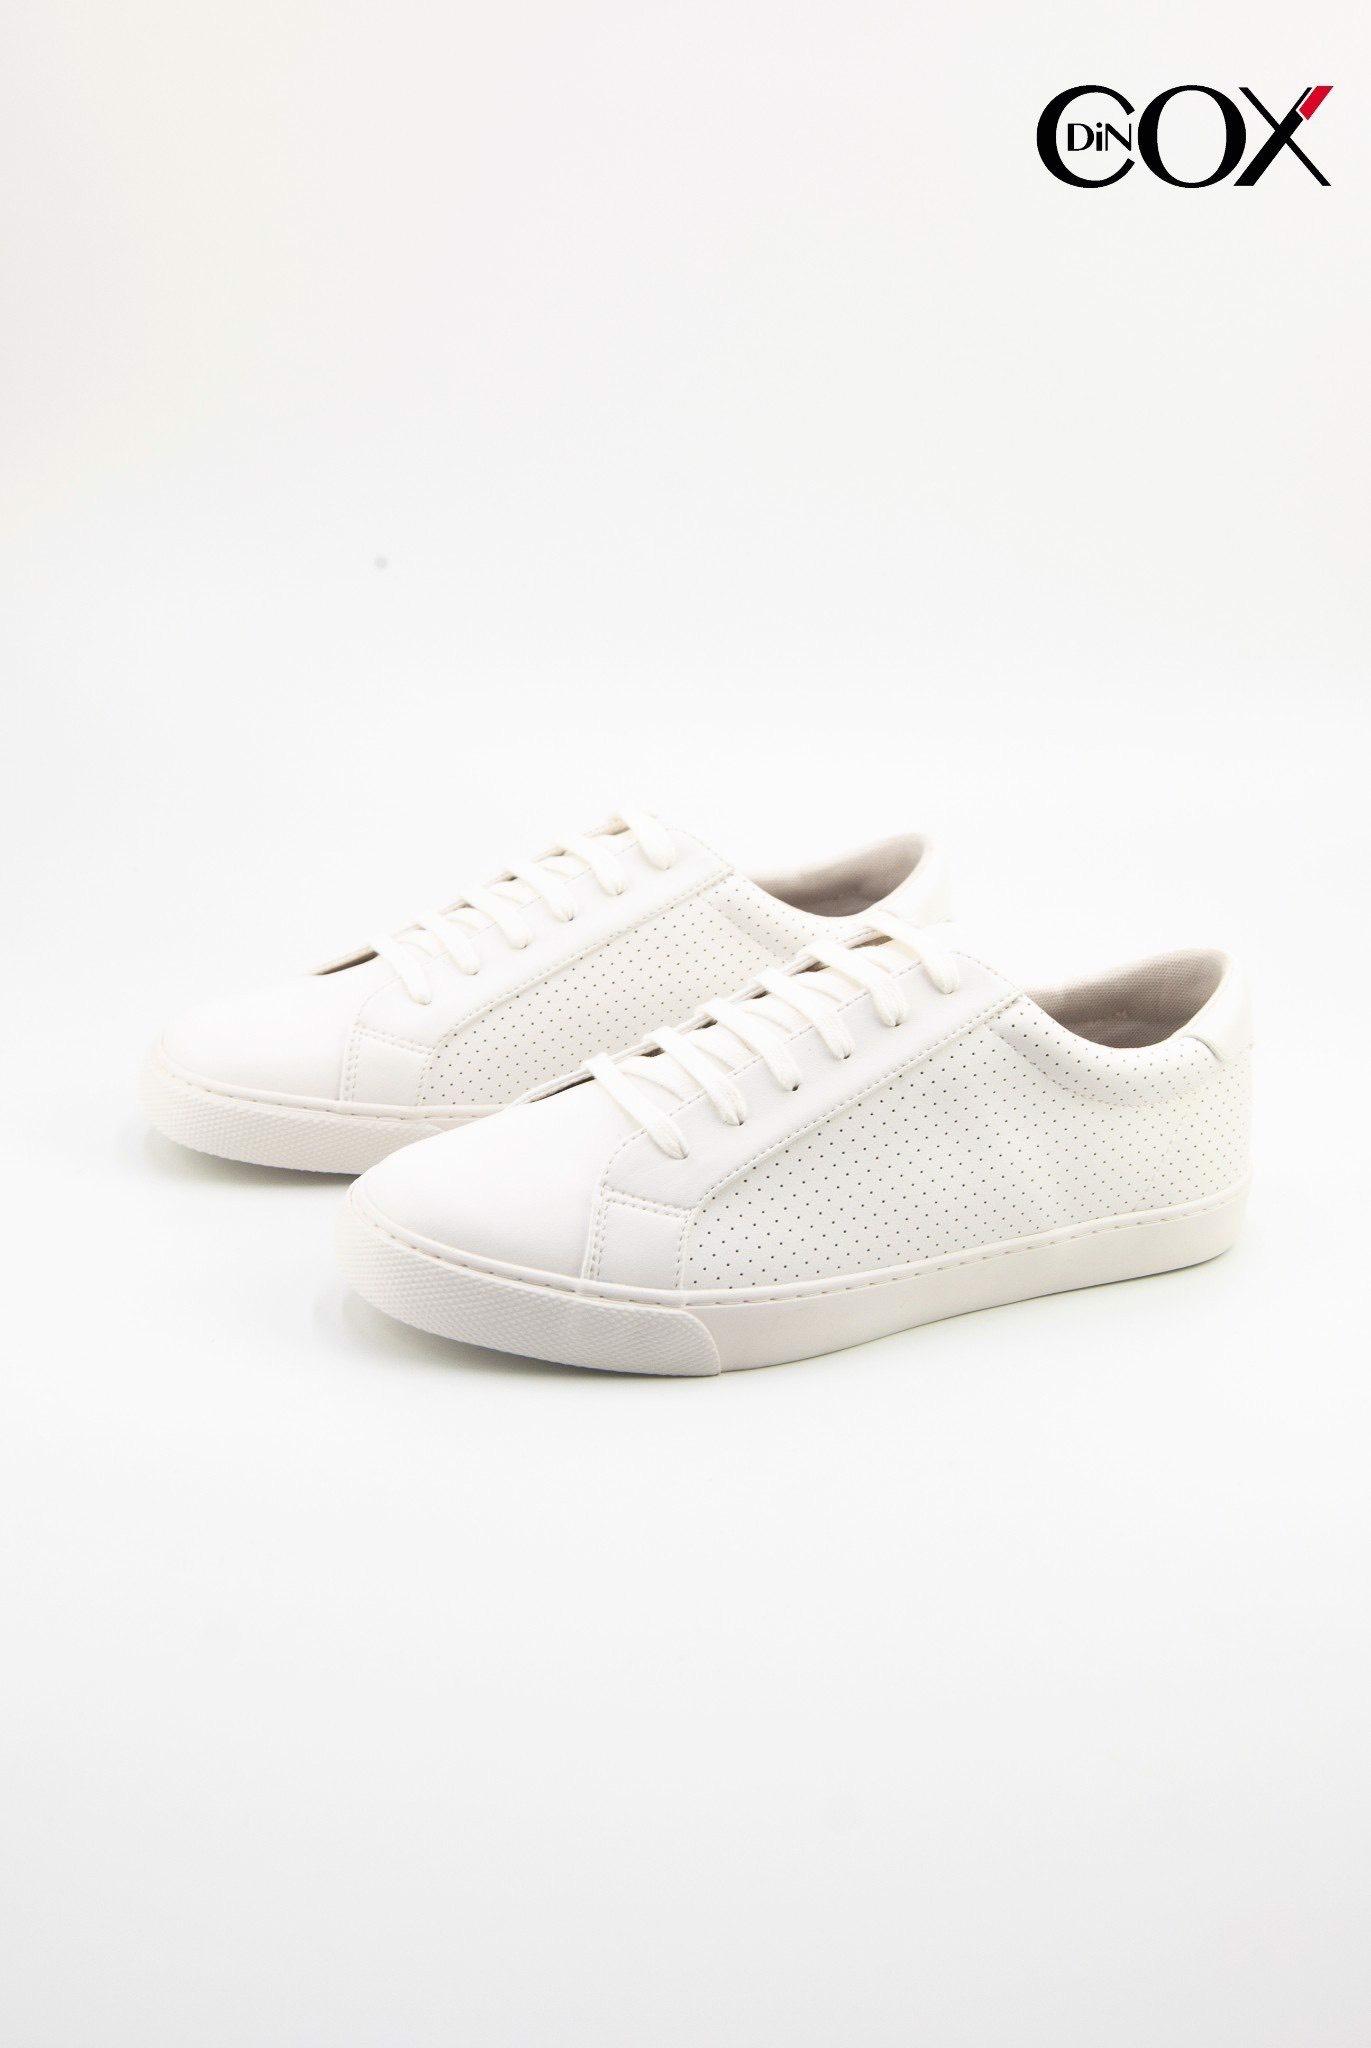 dincox2922-white